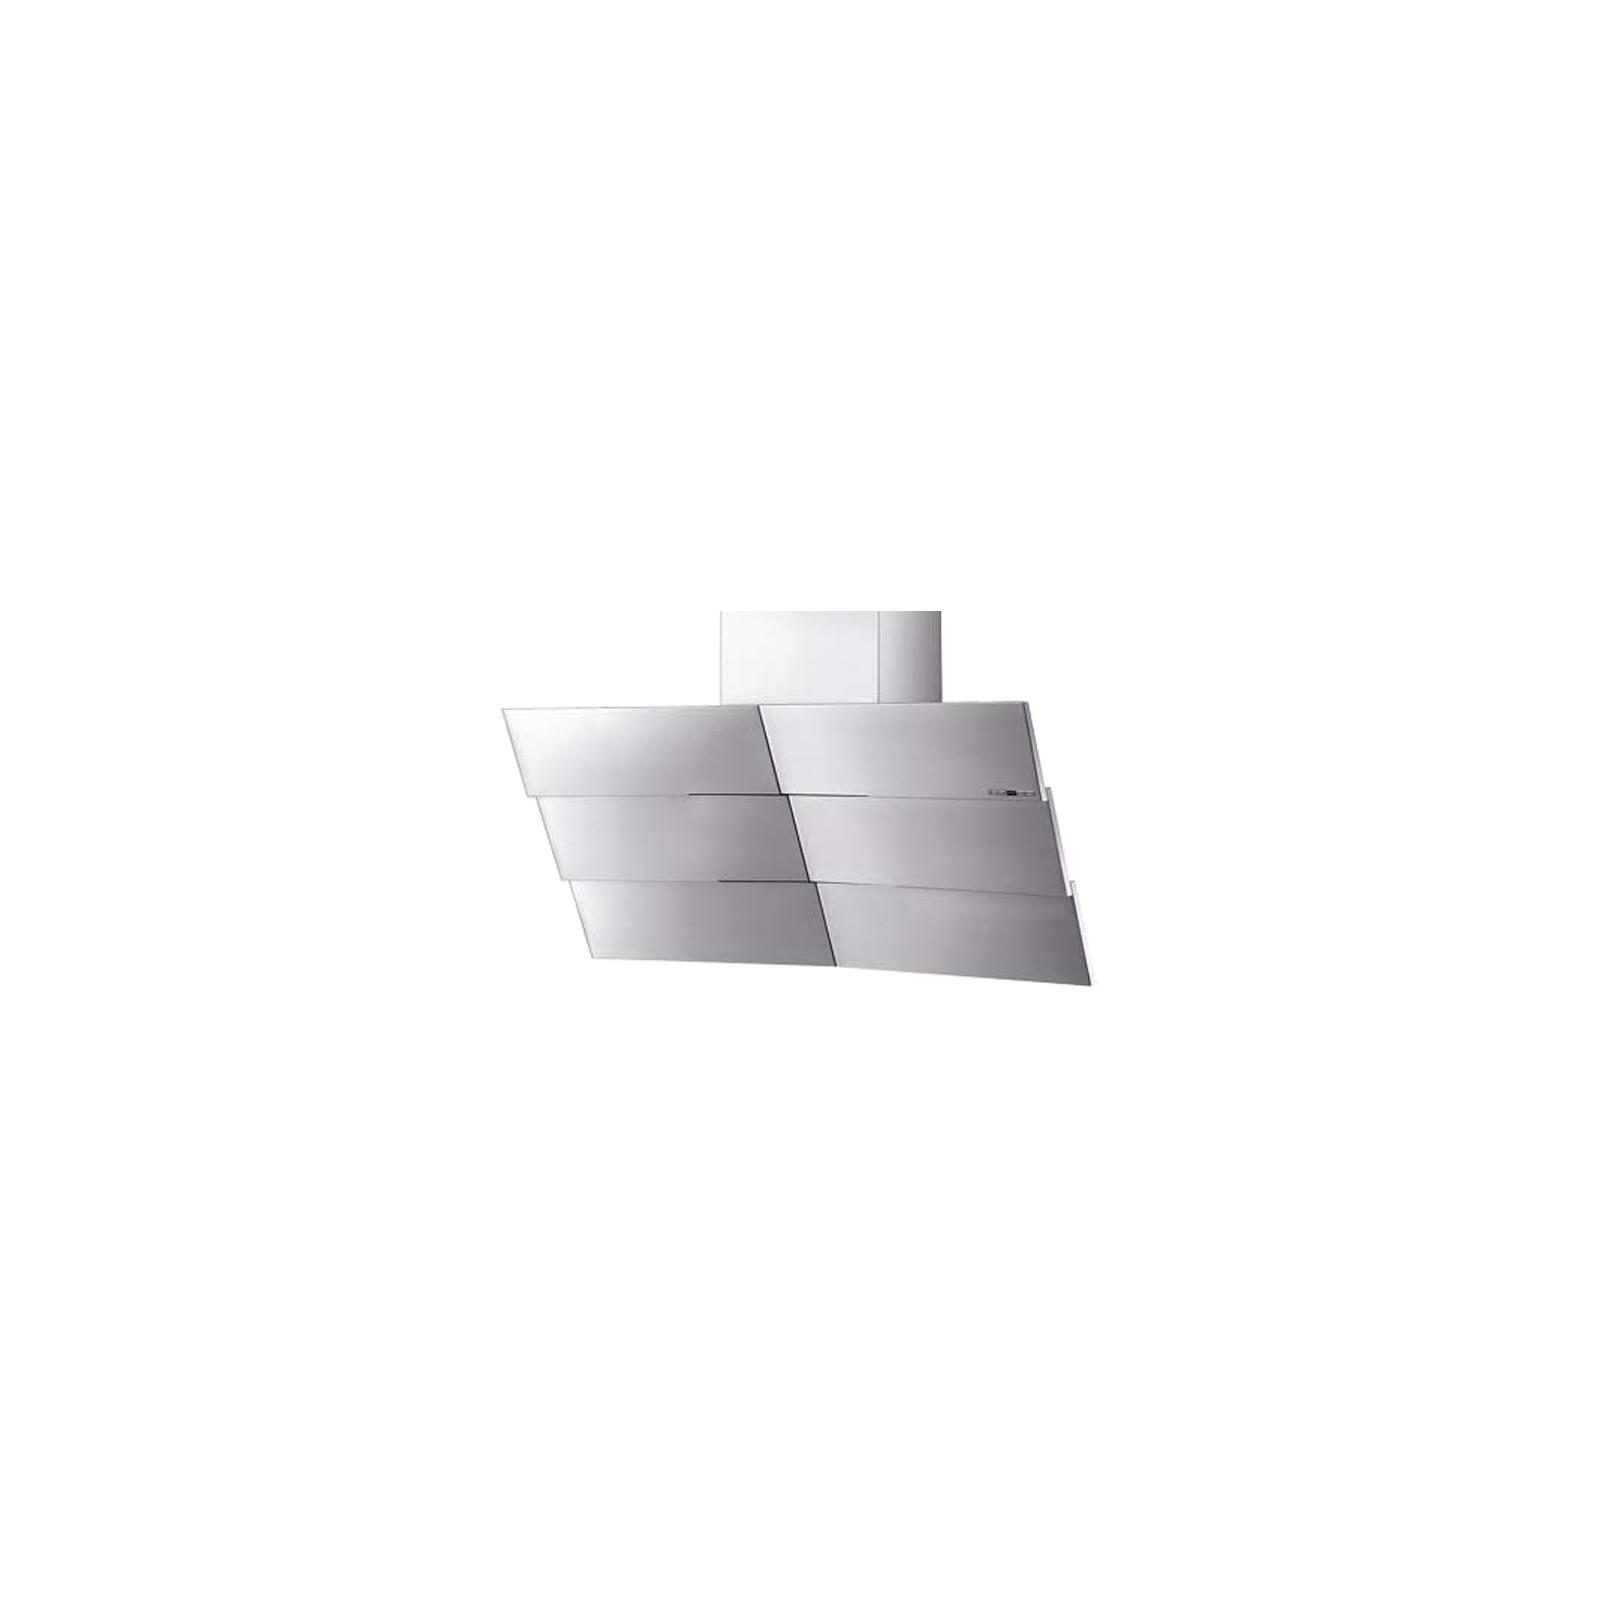 Вытяжка кухонная Zirtal WAVE 90 BL